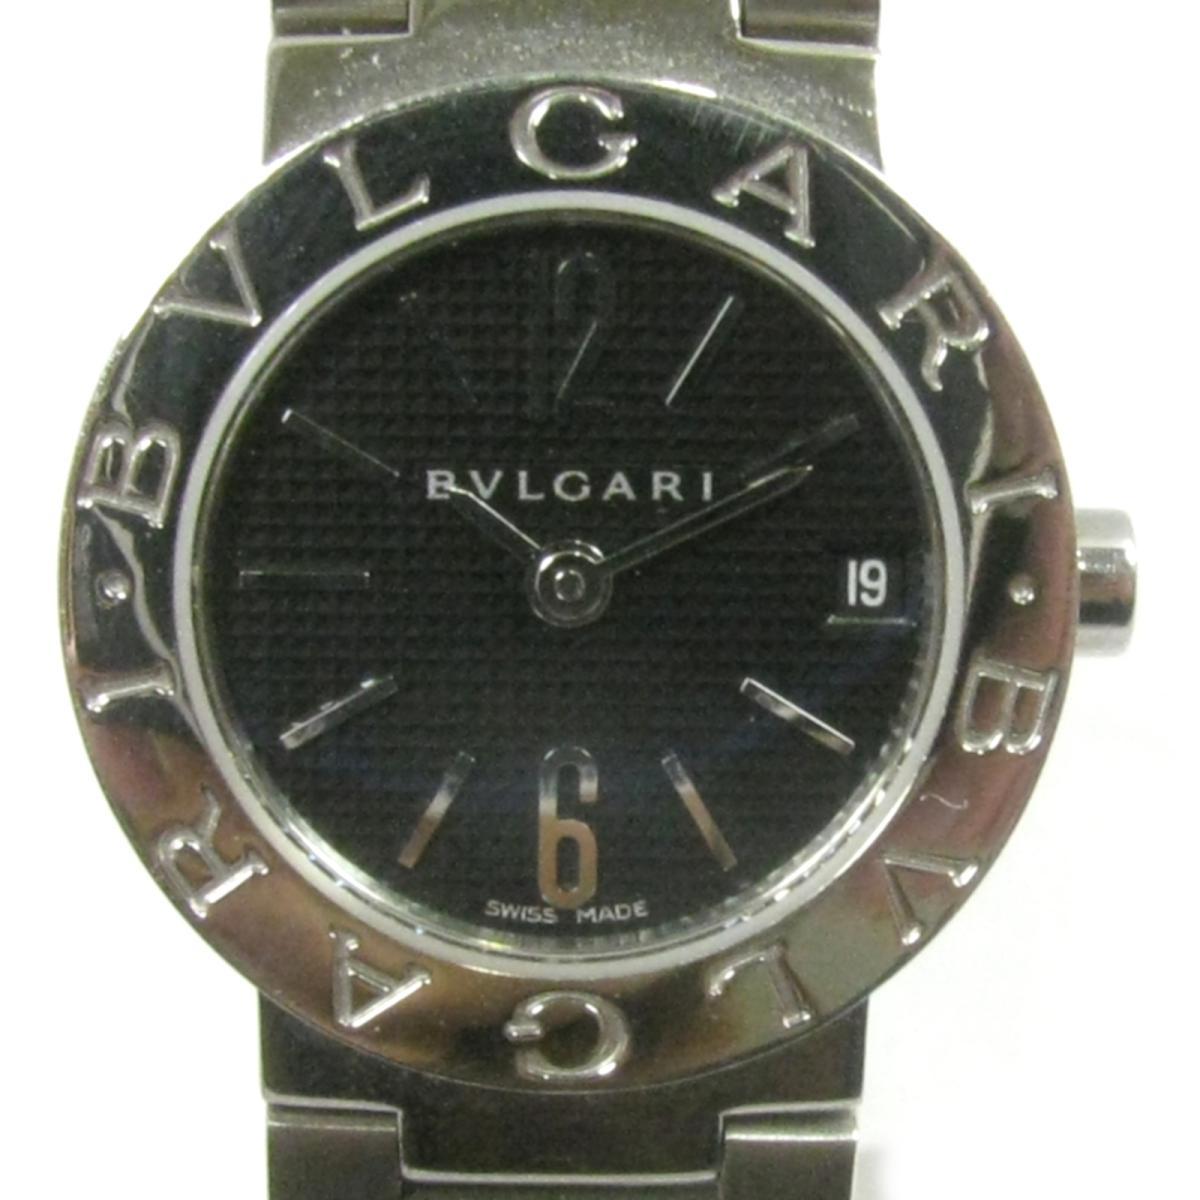 【中古】 ブルガリ ブルガリ ブルガリ 腕時計 ウォッチ レディース ステンレススチール (SS) シルバー x ブラック (BB23SS) | BVLGARI ブルガリ ブルガリ 美品 ブランドオフ